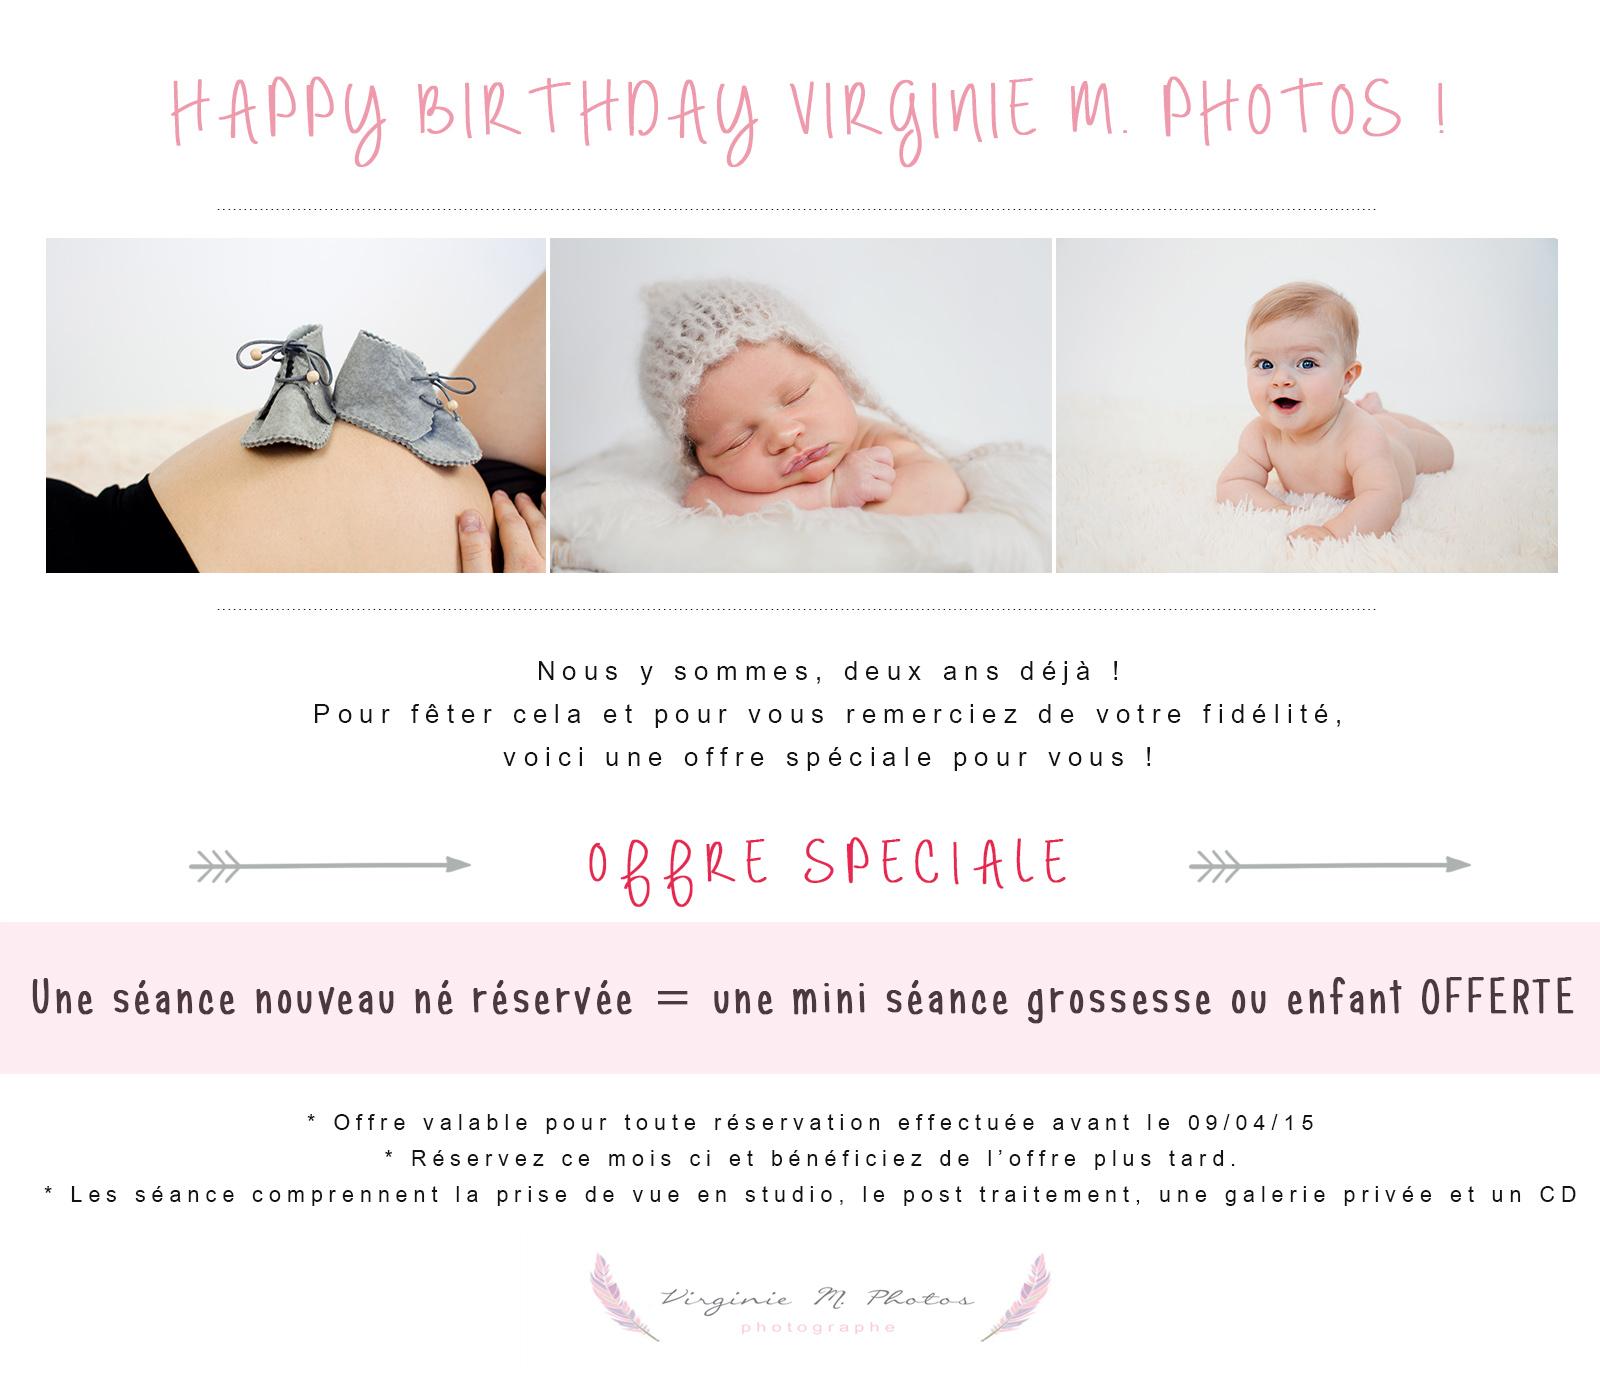 Offre-offre spéciale-anniversaire-Virginie M Photos-photographe-Nord